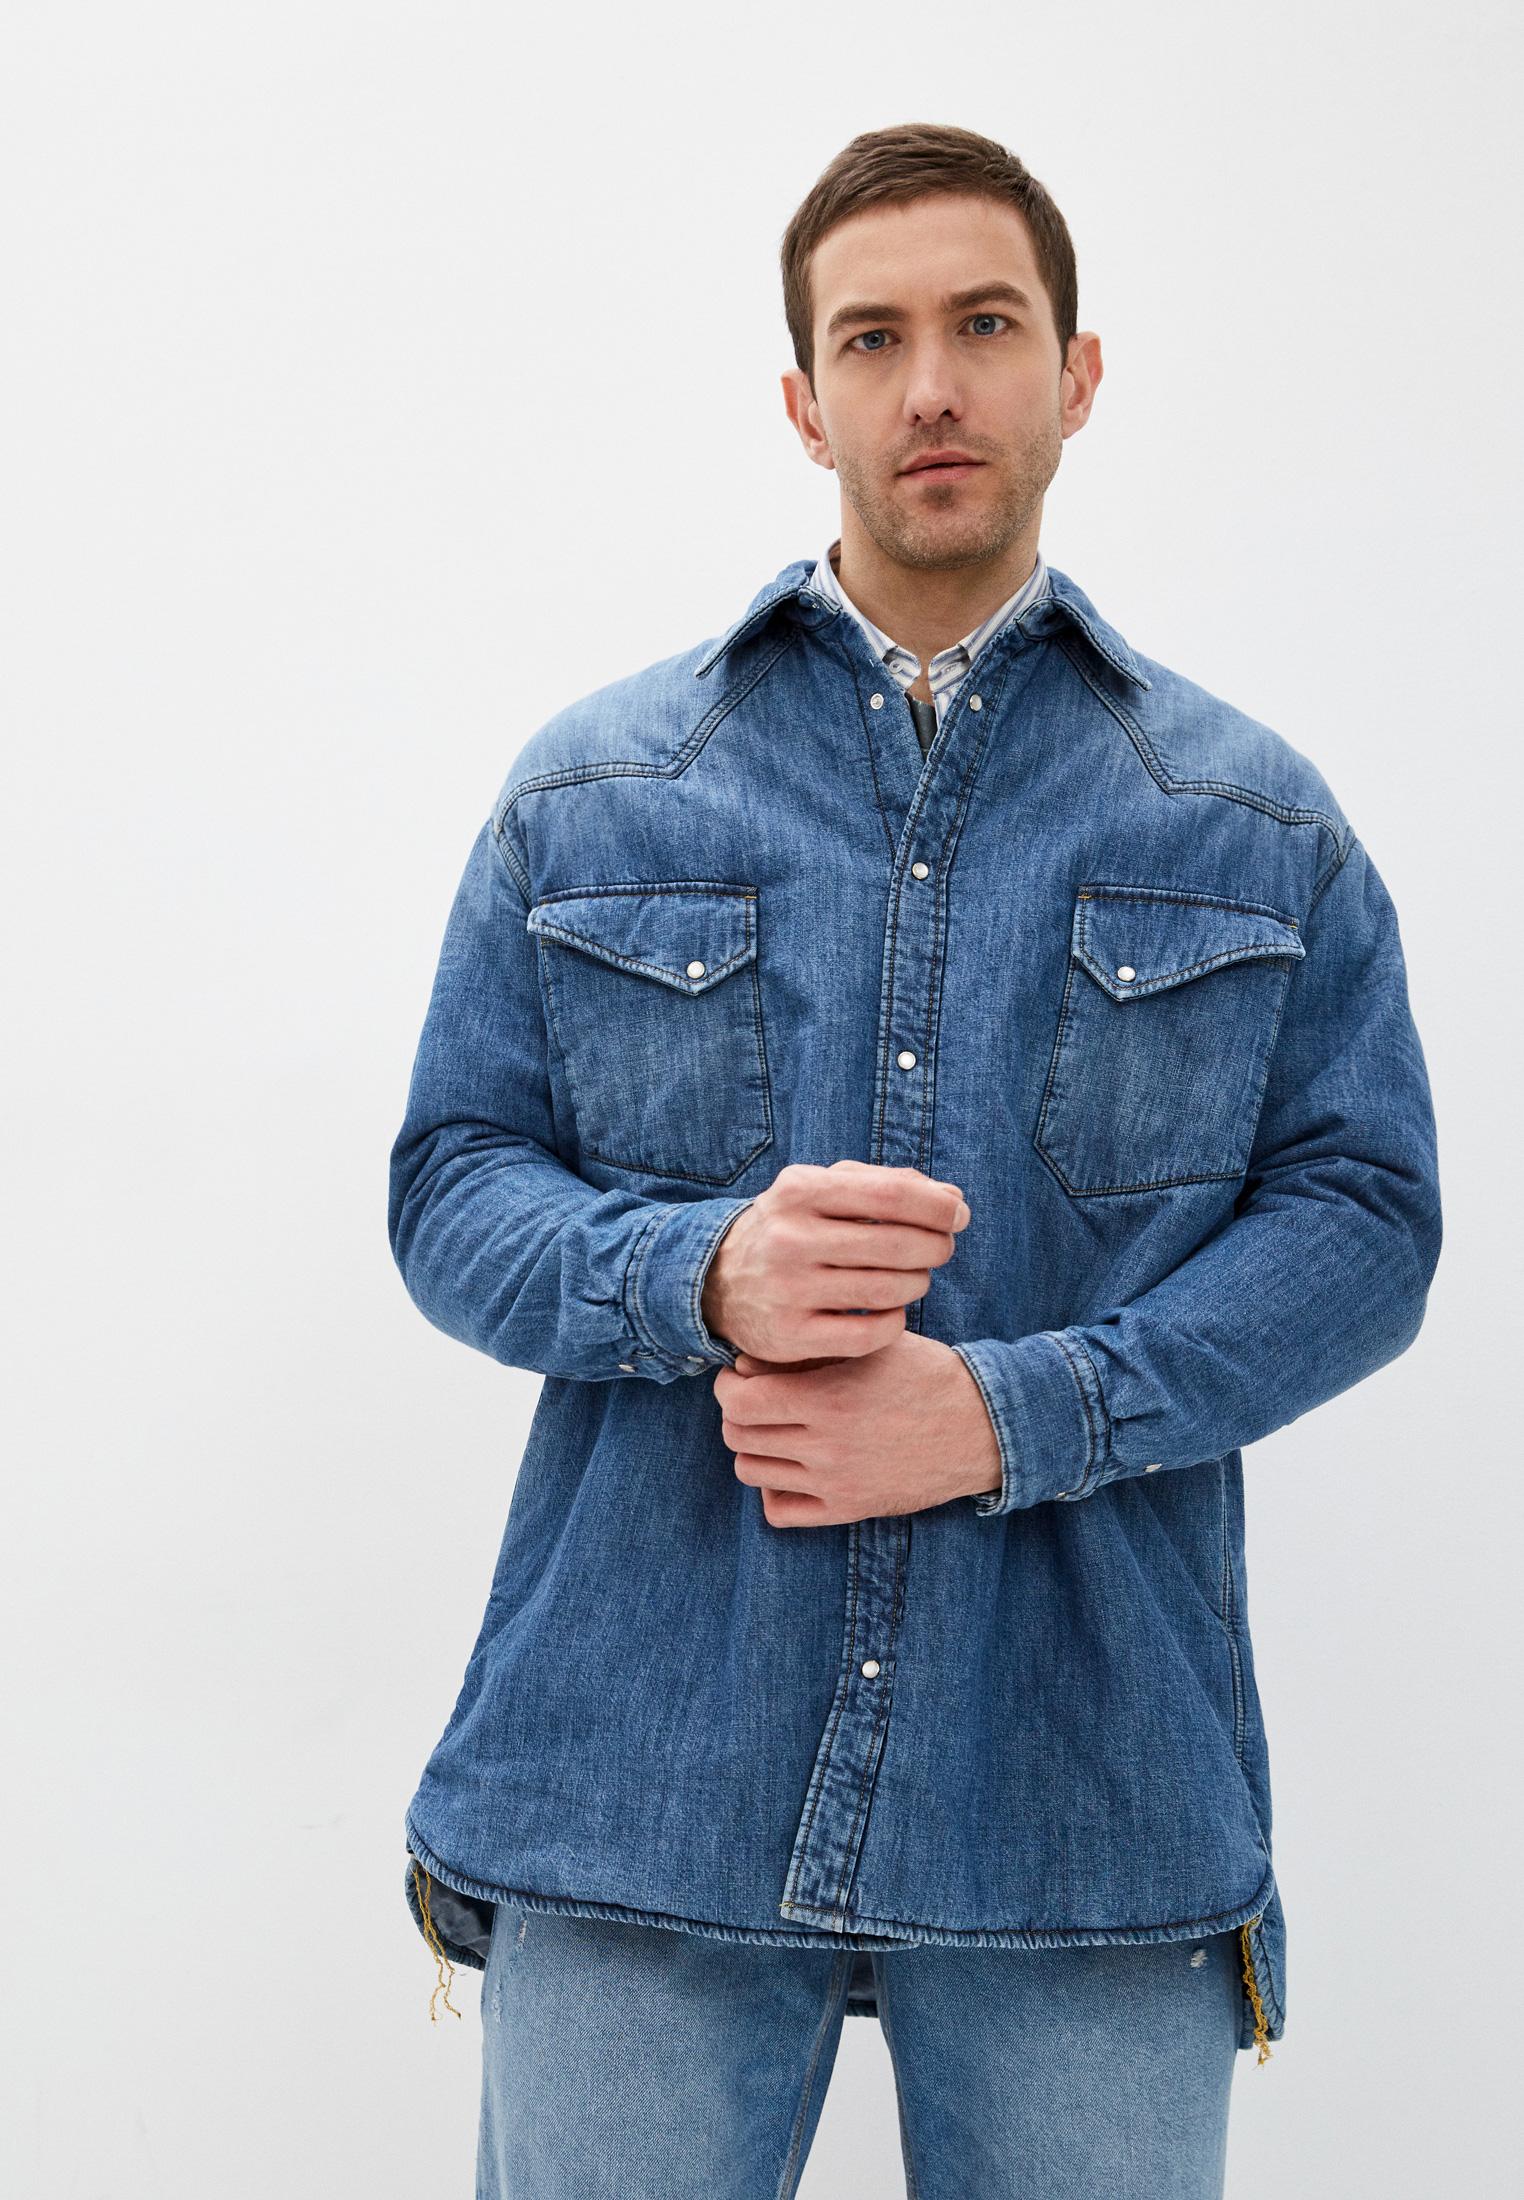 Джинсовая куртка Maison Margiela Куртка джинсовая Maison Margiela